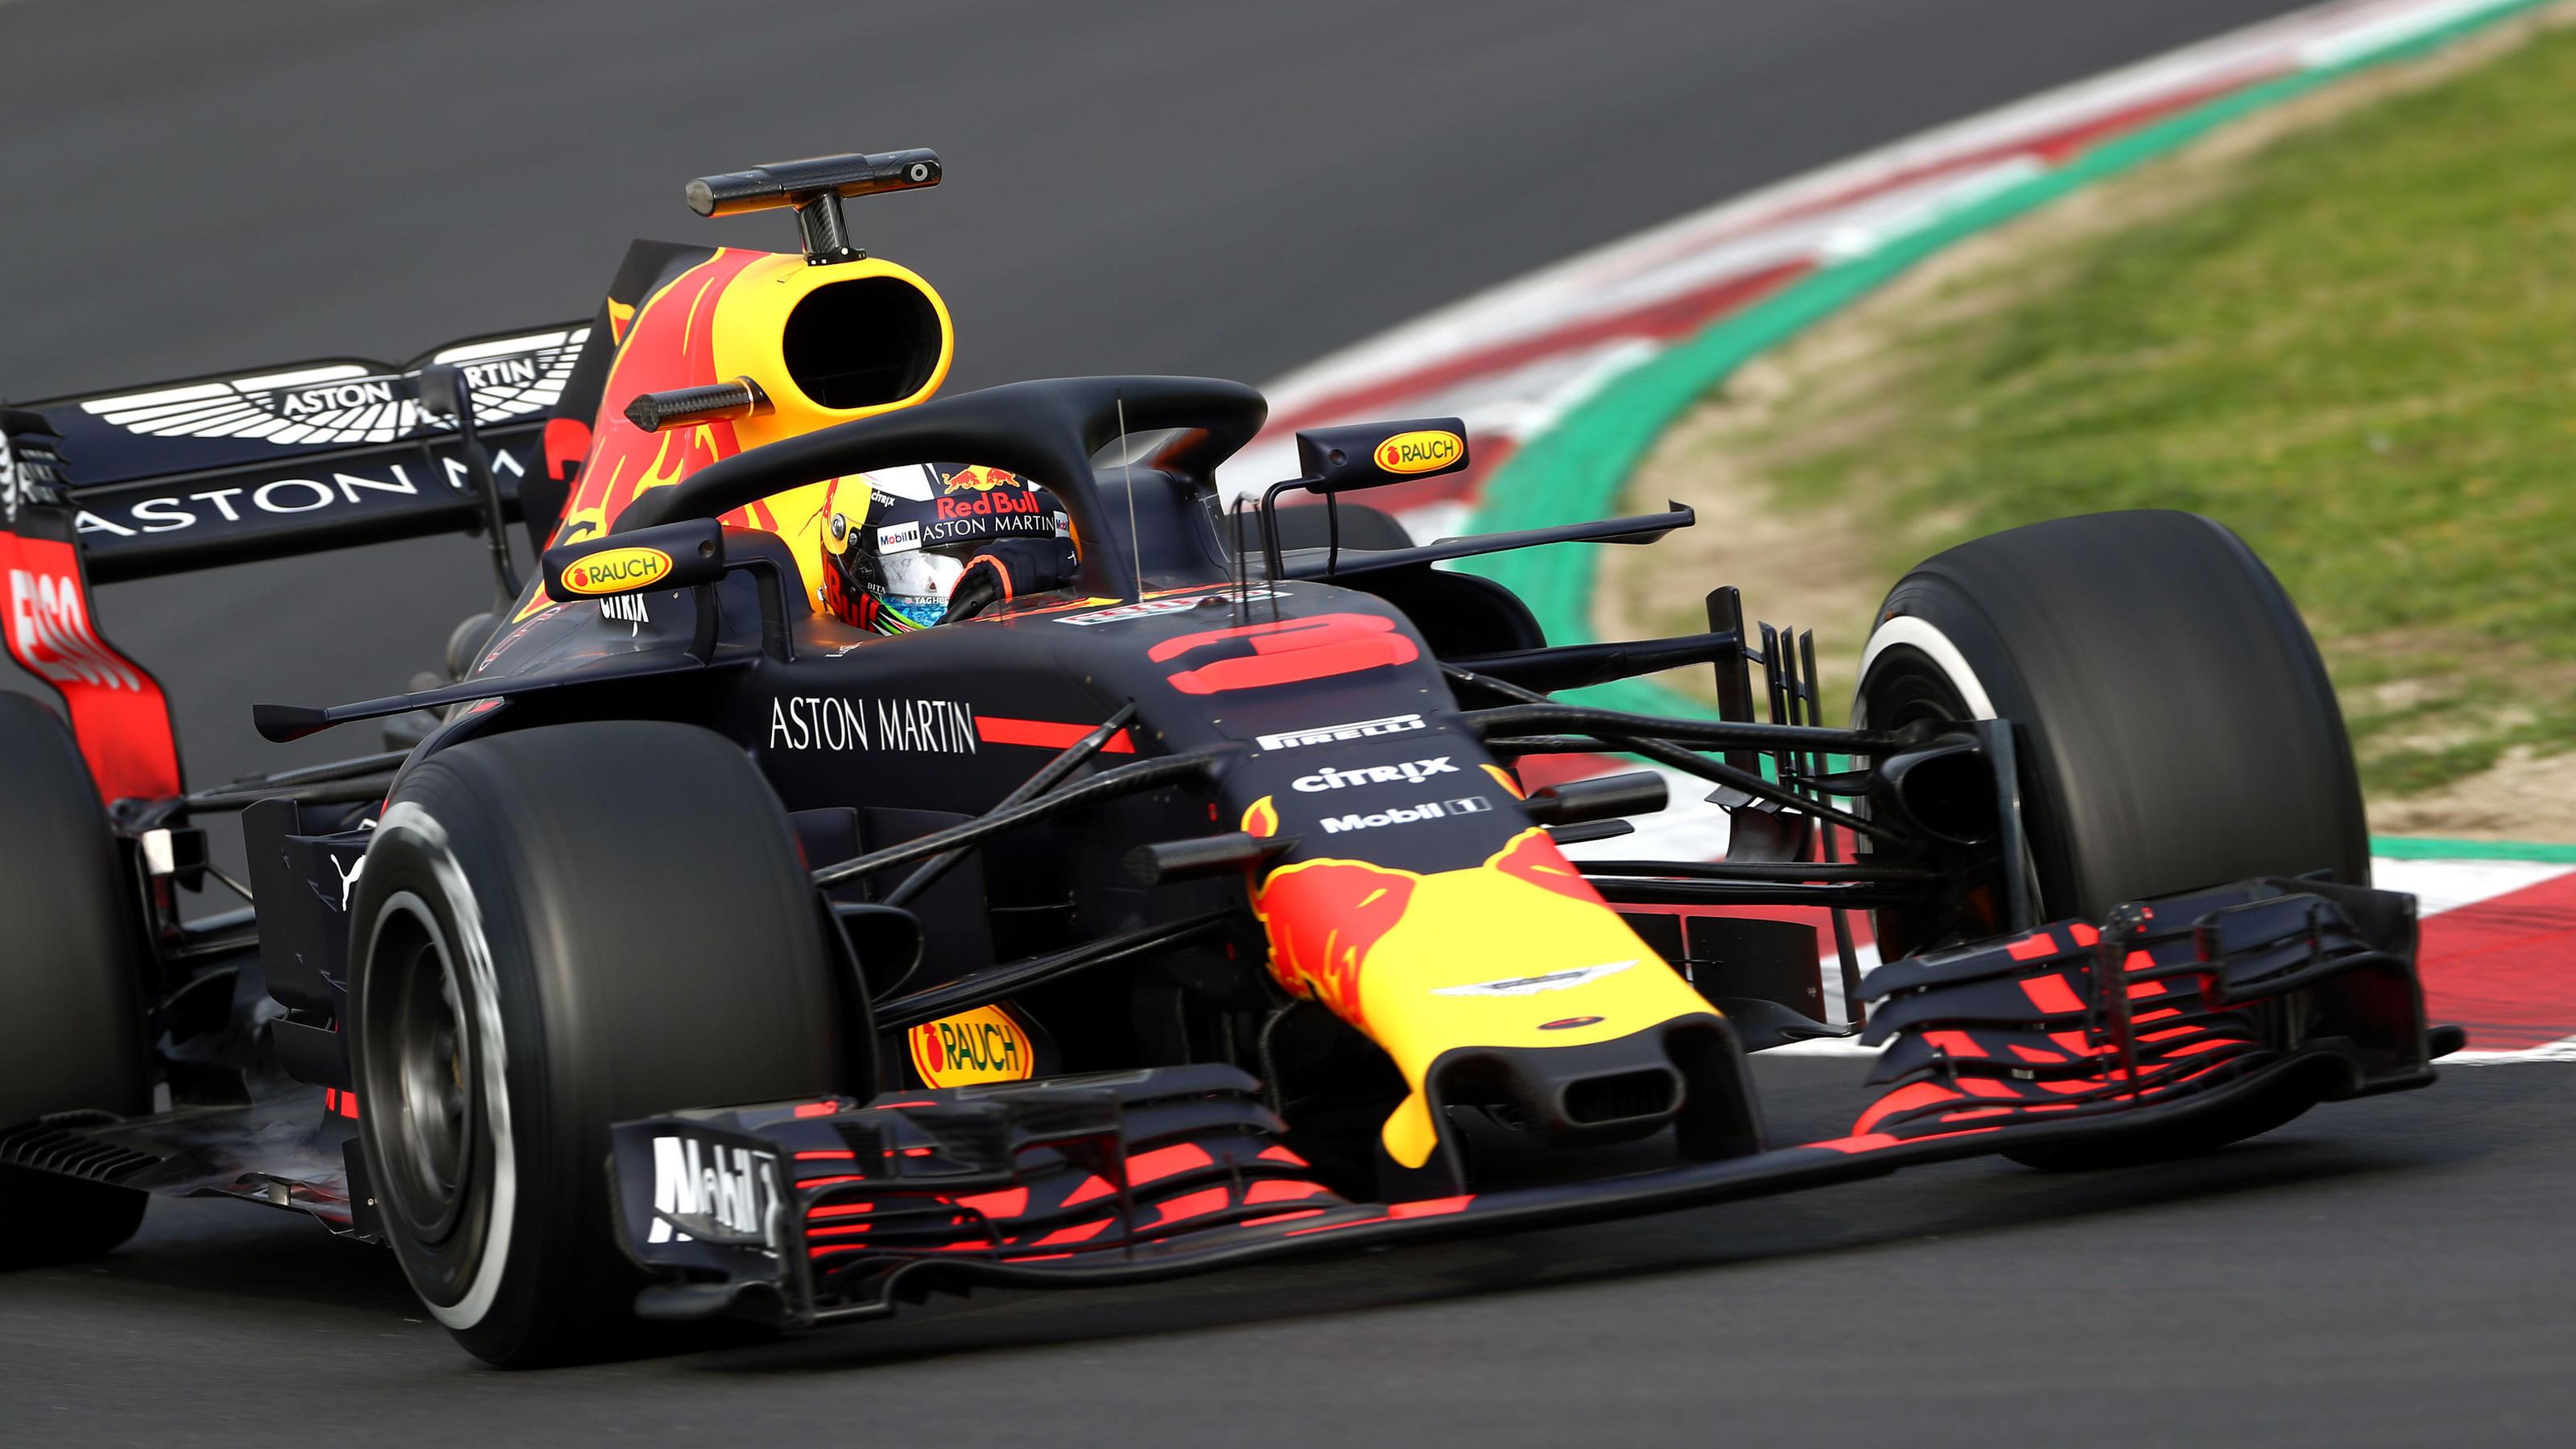 Formel 1 2019 Rtl